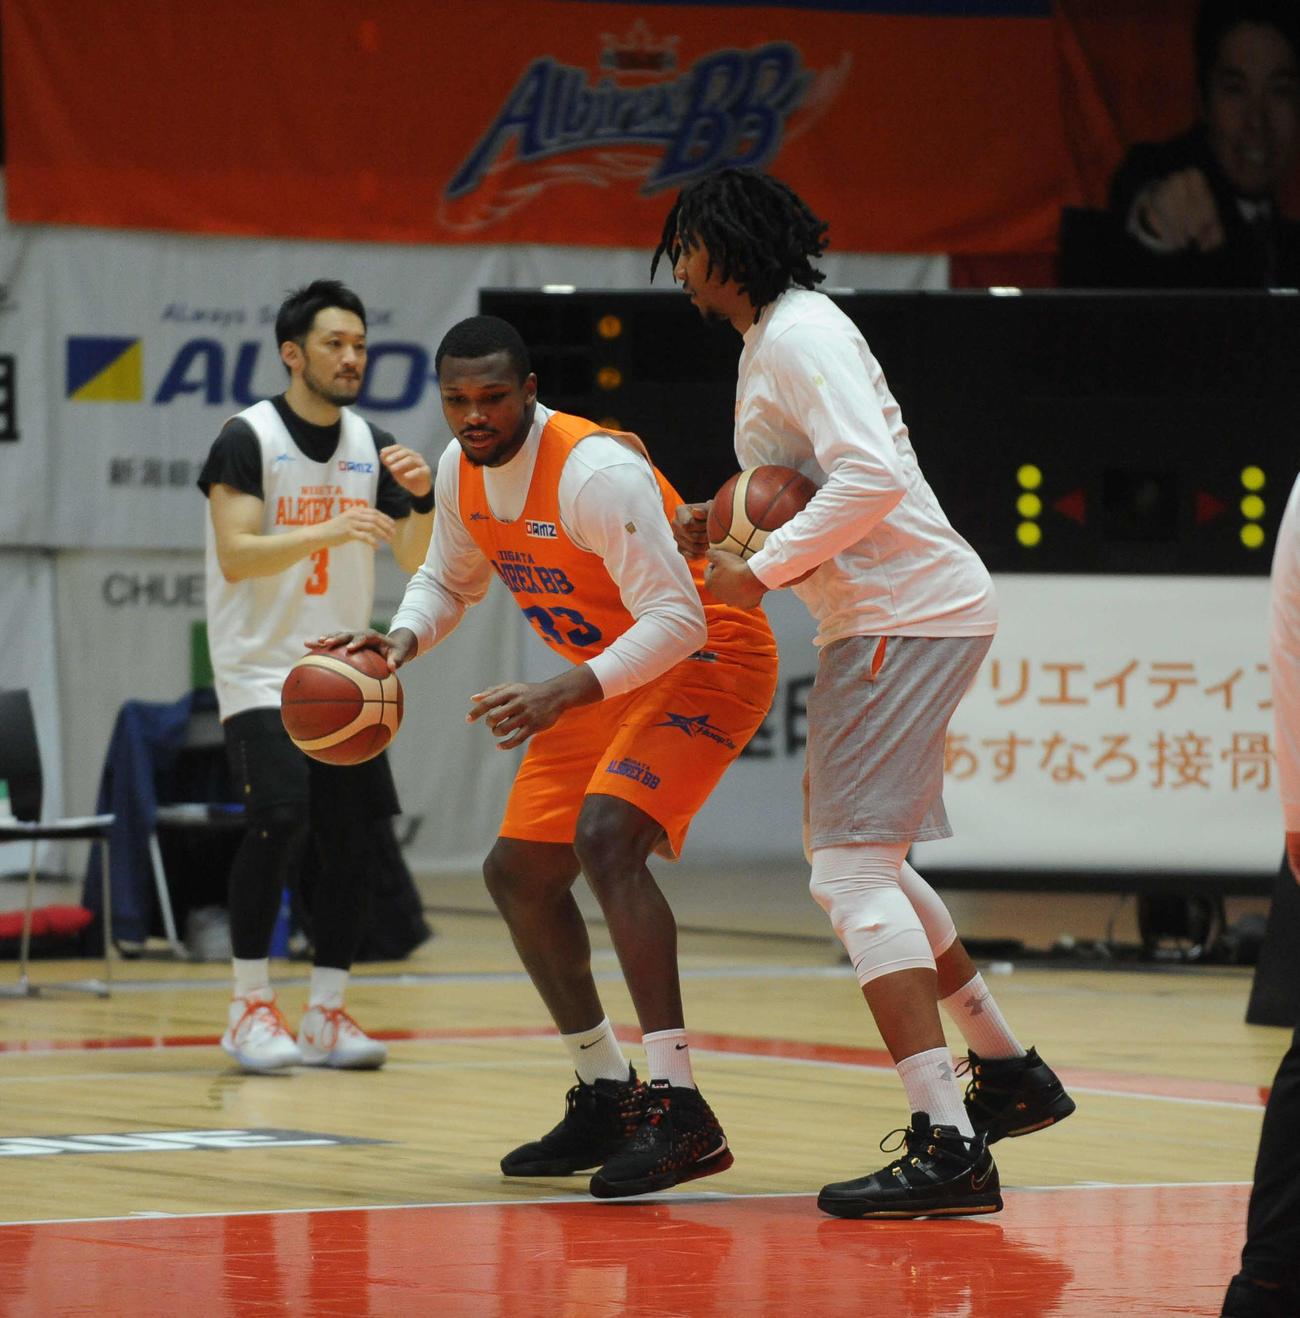 ギブソン(右)のアドバイスを受けながら、プレーを確認するパーキンズ(中央)(撮影・斎藤慎一郎)